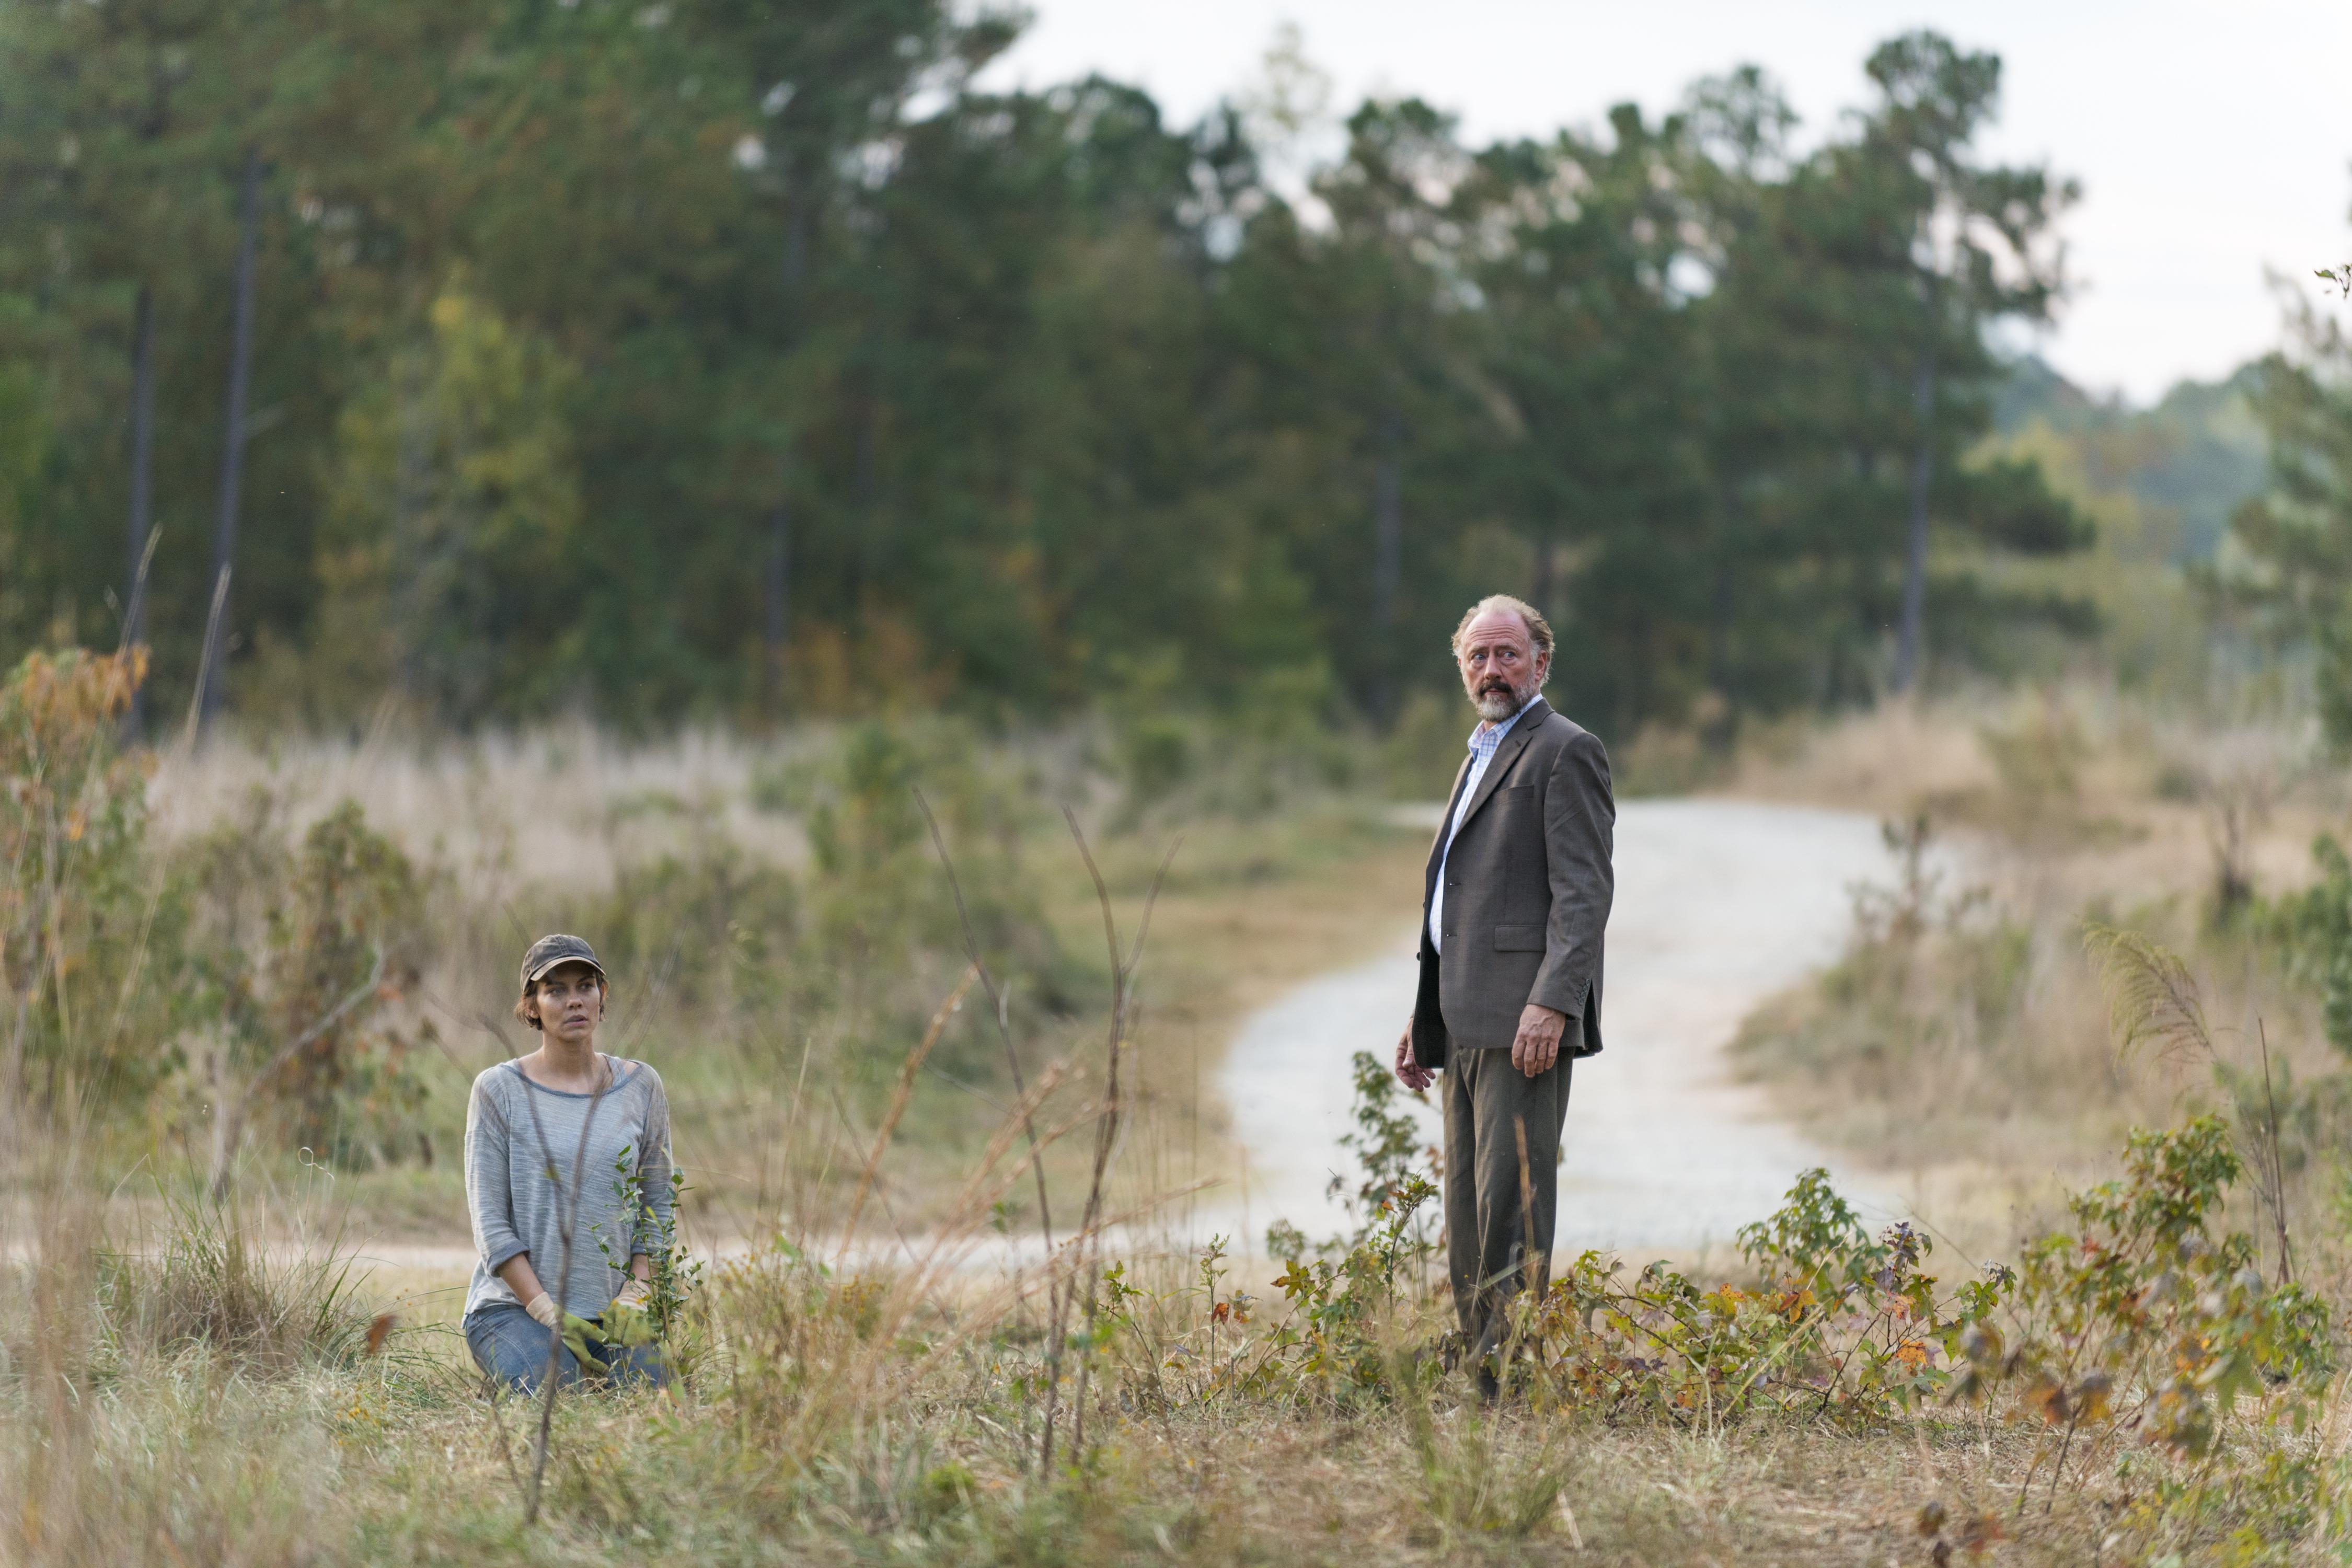 Lauren Cohan as Maggie Greene, Xander Berkeley as Gregory